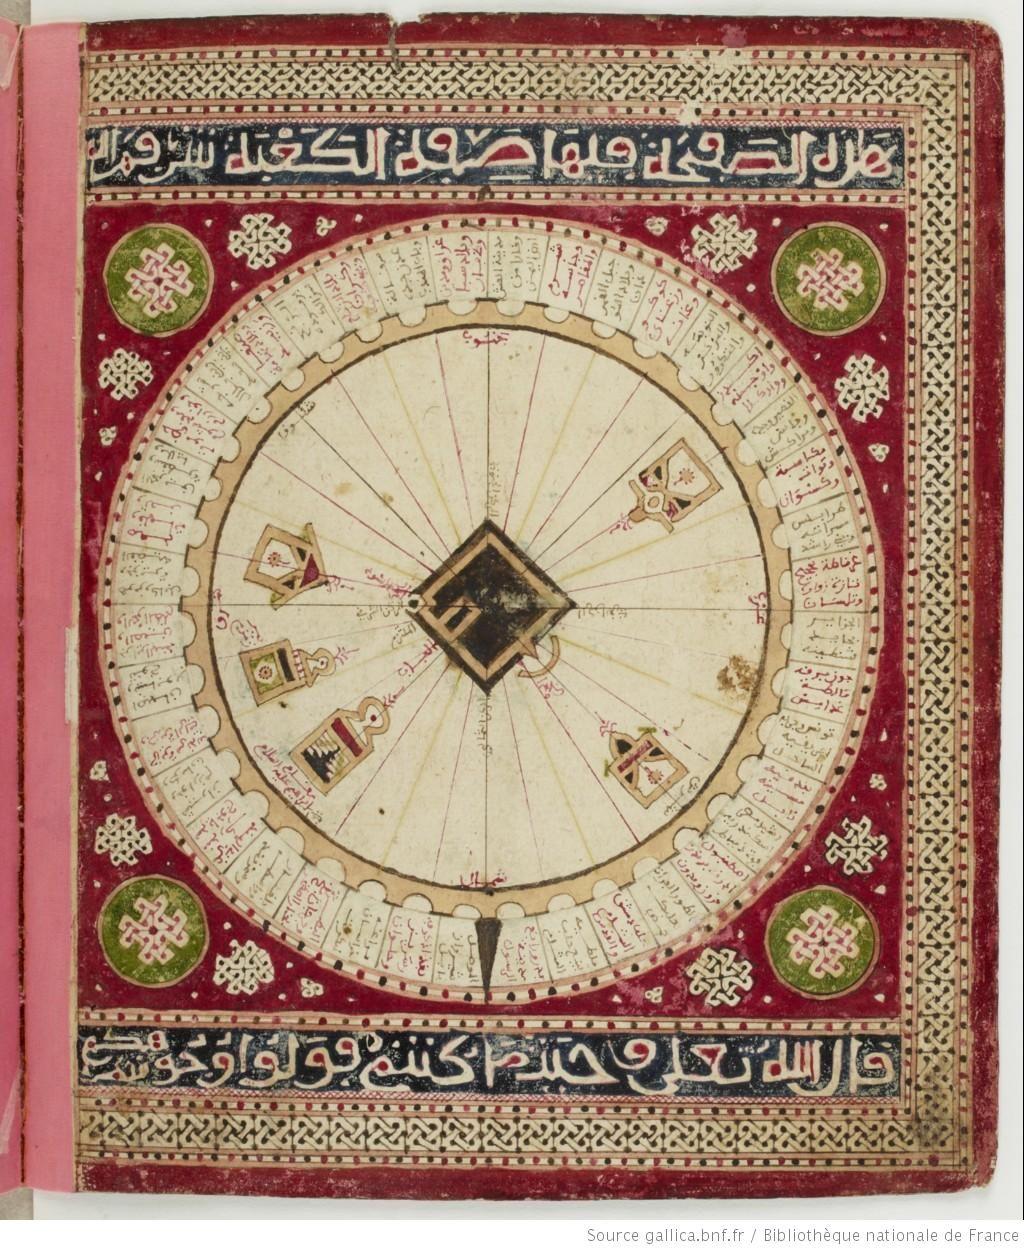 Kaaba-Kabe, Portulan de la mer Méditerranée, par ʿAlî ibn Aḥmad ibn Moḥammad…